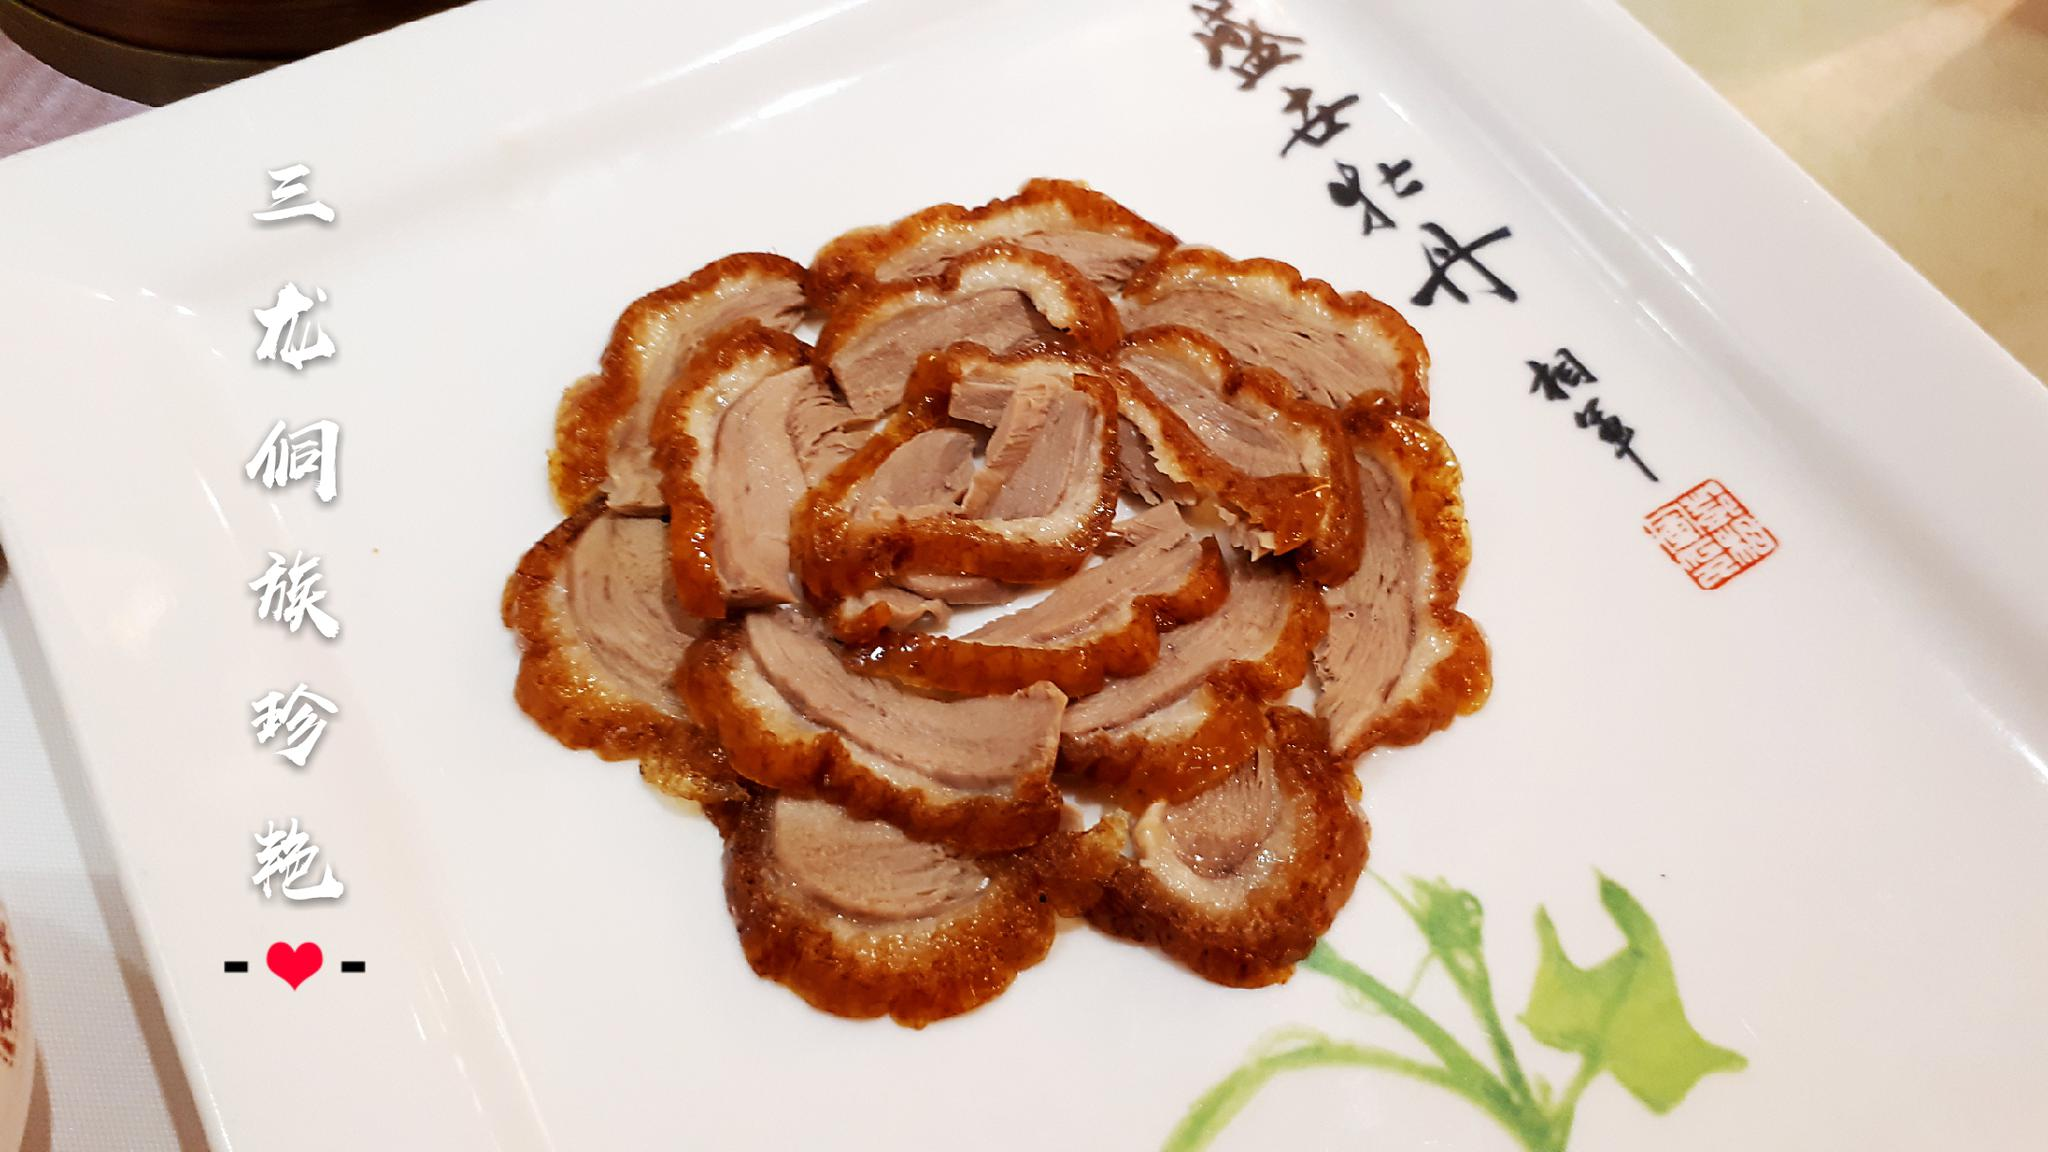 北京钱其_吃北京全聚德烤鸭多少钱?能不能点半只?